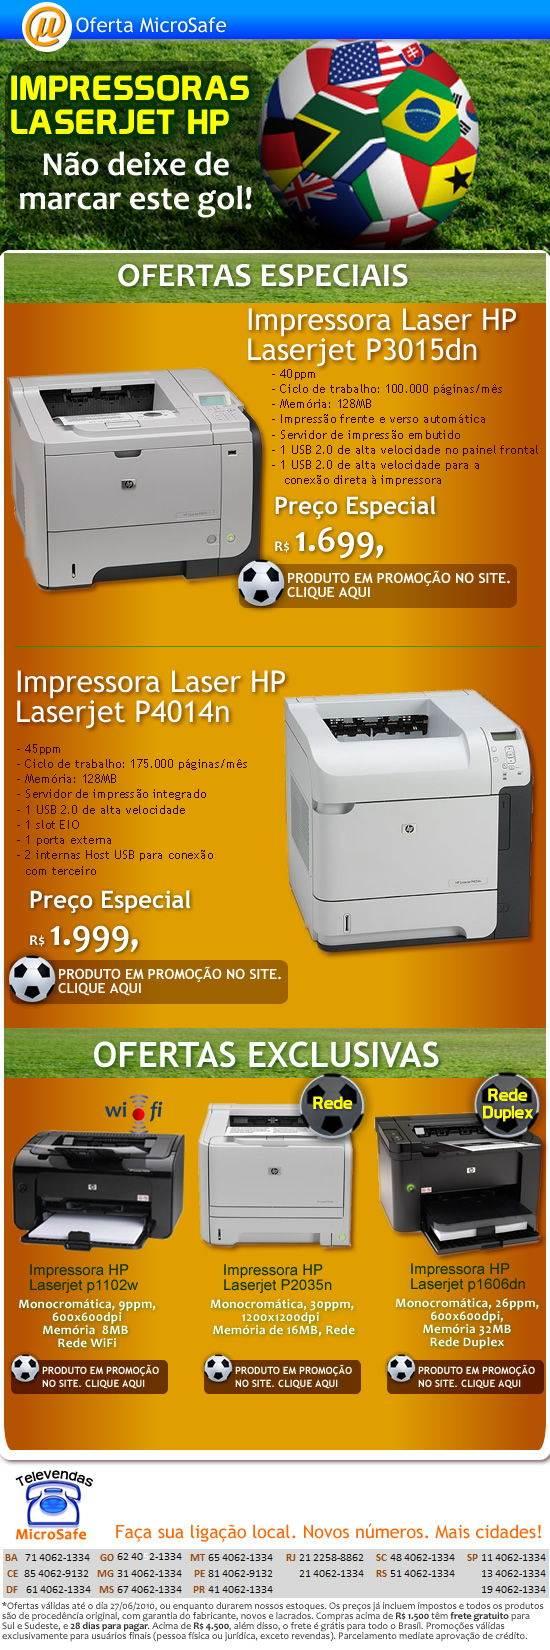 Impressoras HP Laserjet com preços especiais!